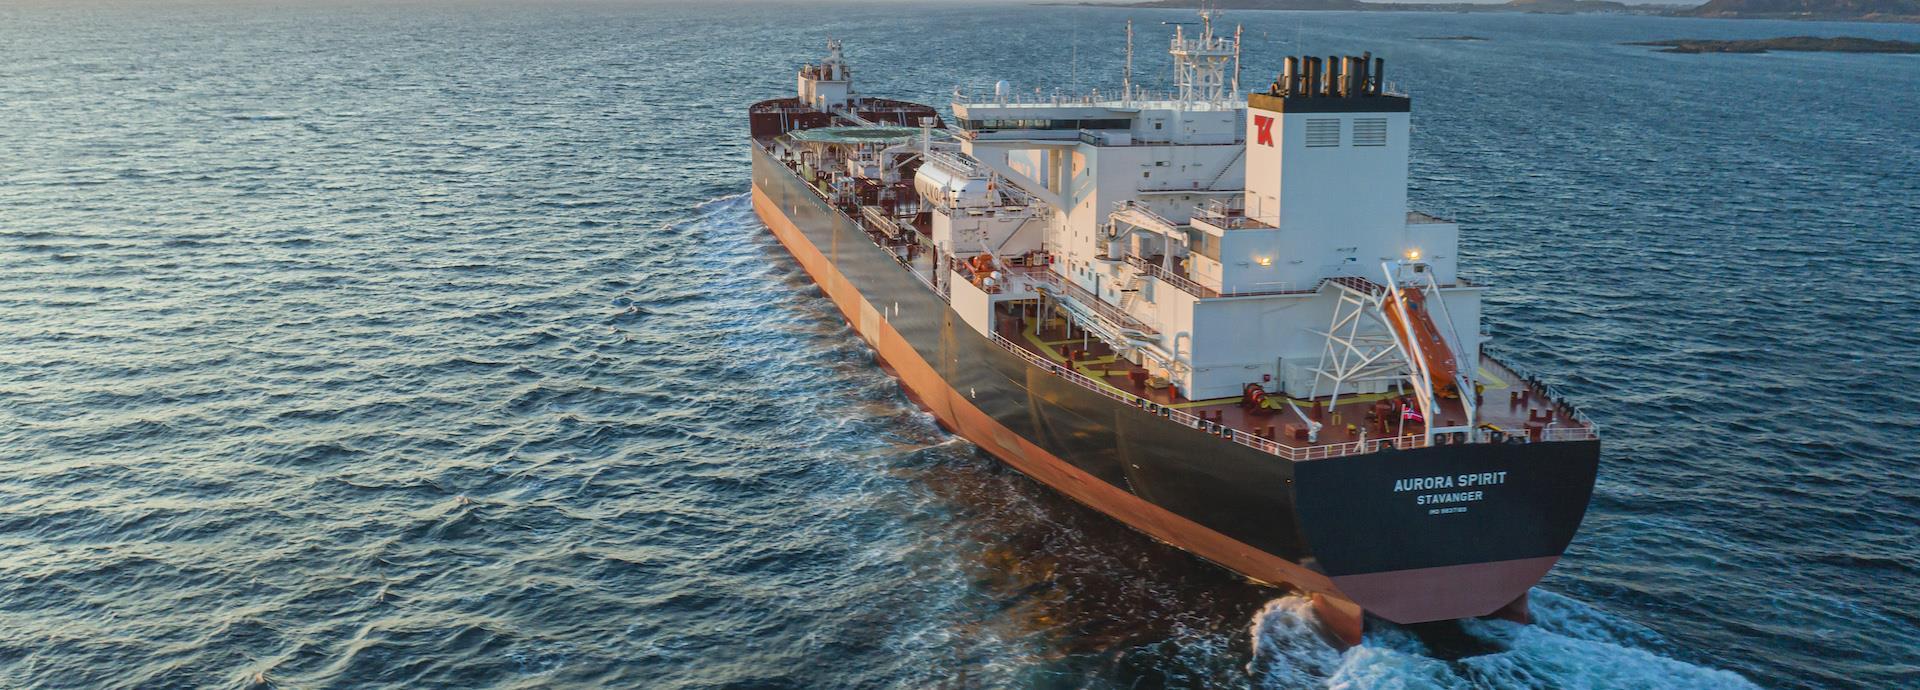 The Aurora Spirit, a new e-shuttle tanker, sets sail.